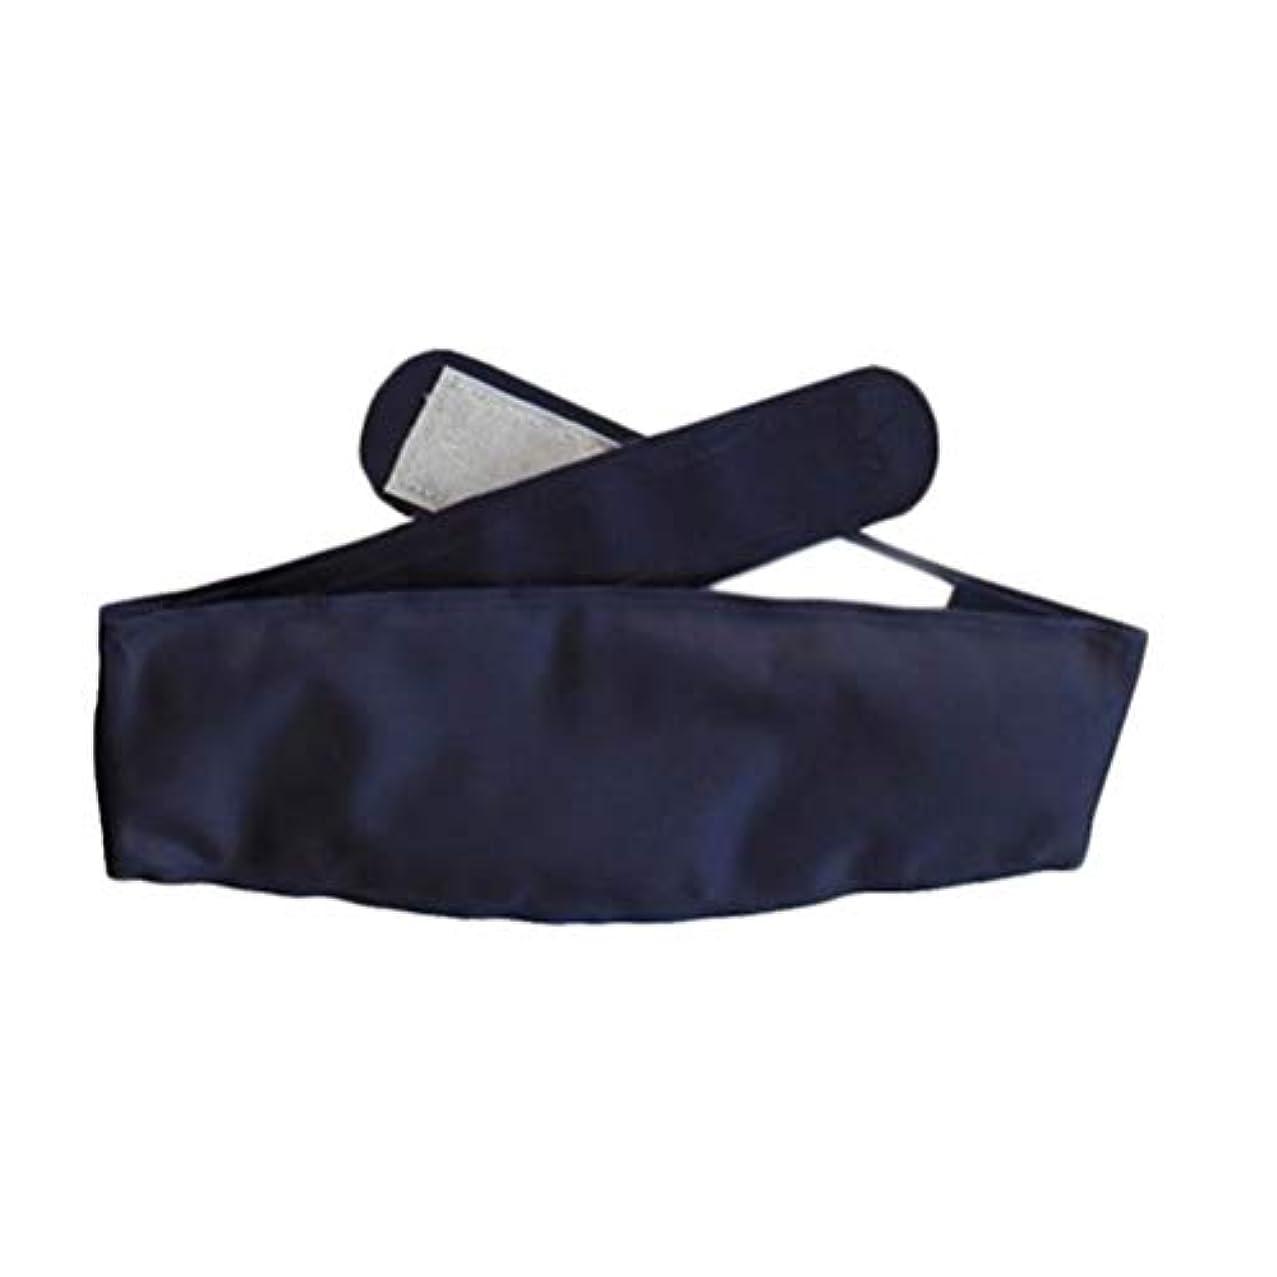 Healifty コールドジェルはアイスパッドにストラップを詰めますオーバーヒート傷害のためのホットコールドセラピー応急処置痛み腫れあざ捻rain炎症痛みの緩和